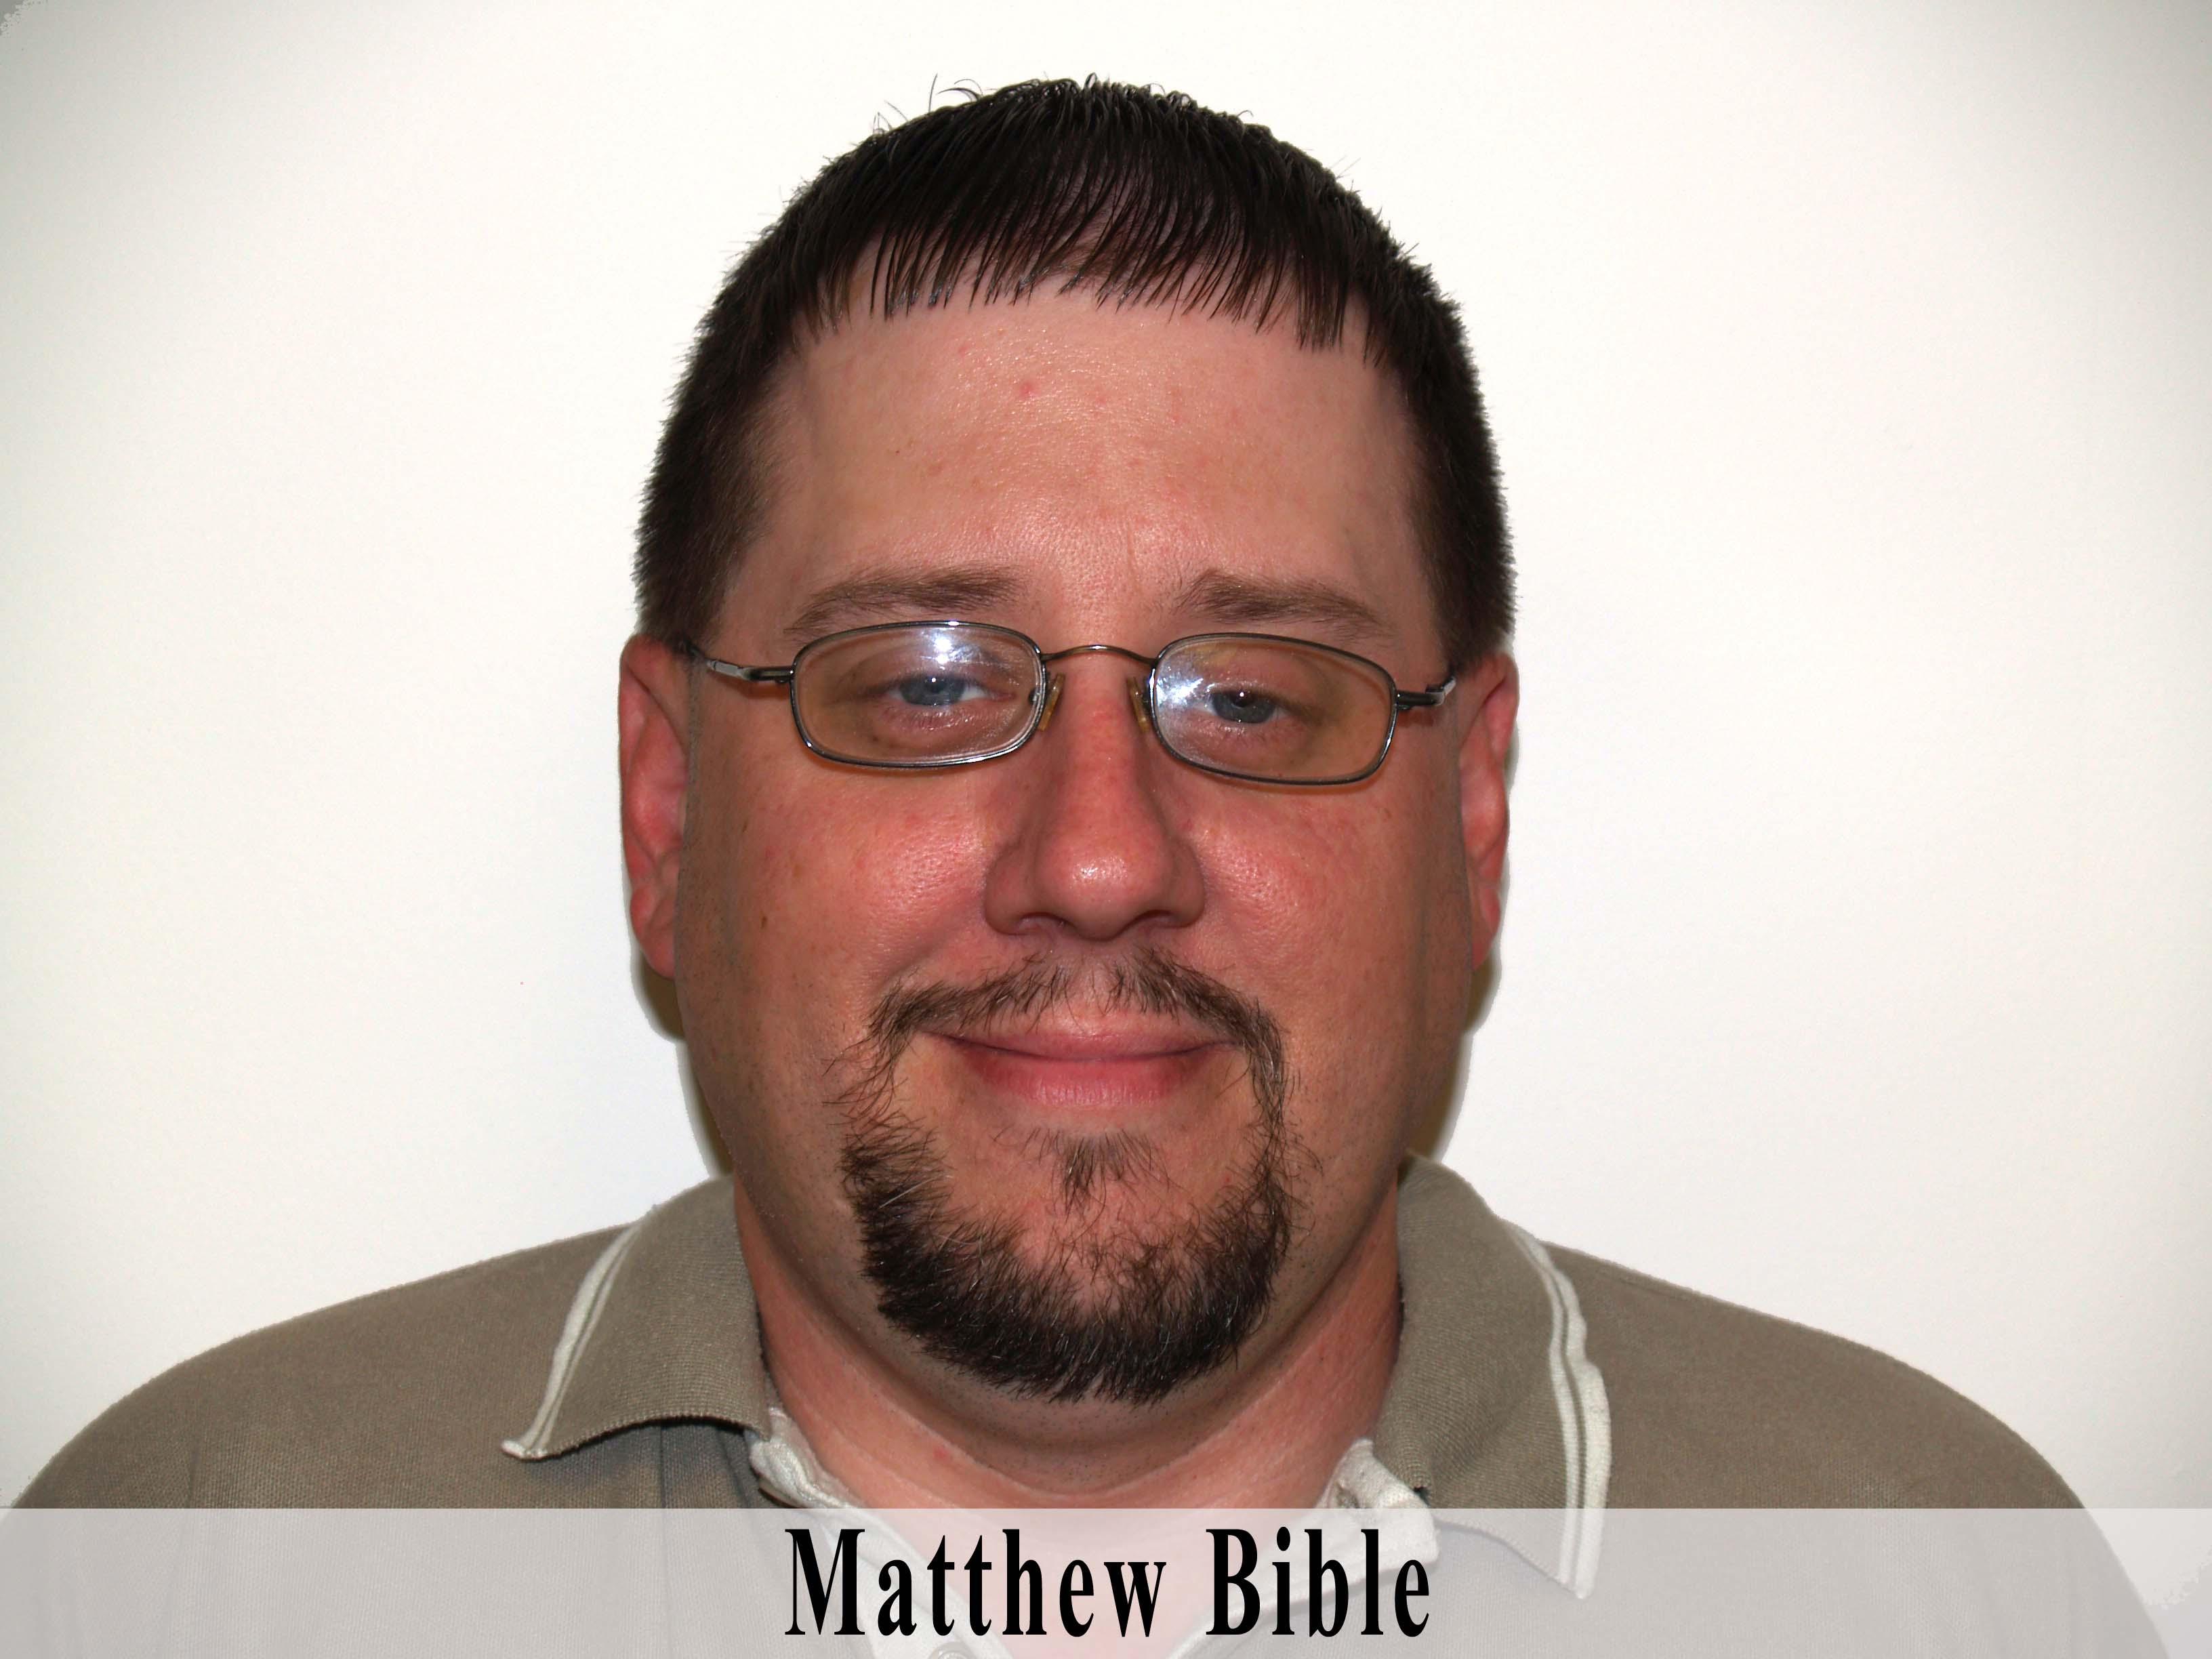 Matt Bible